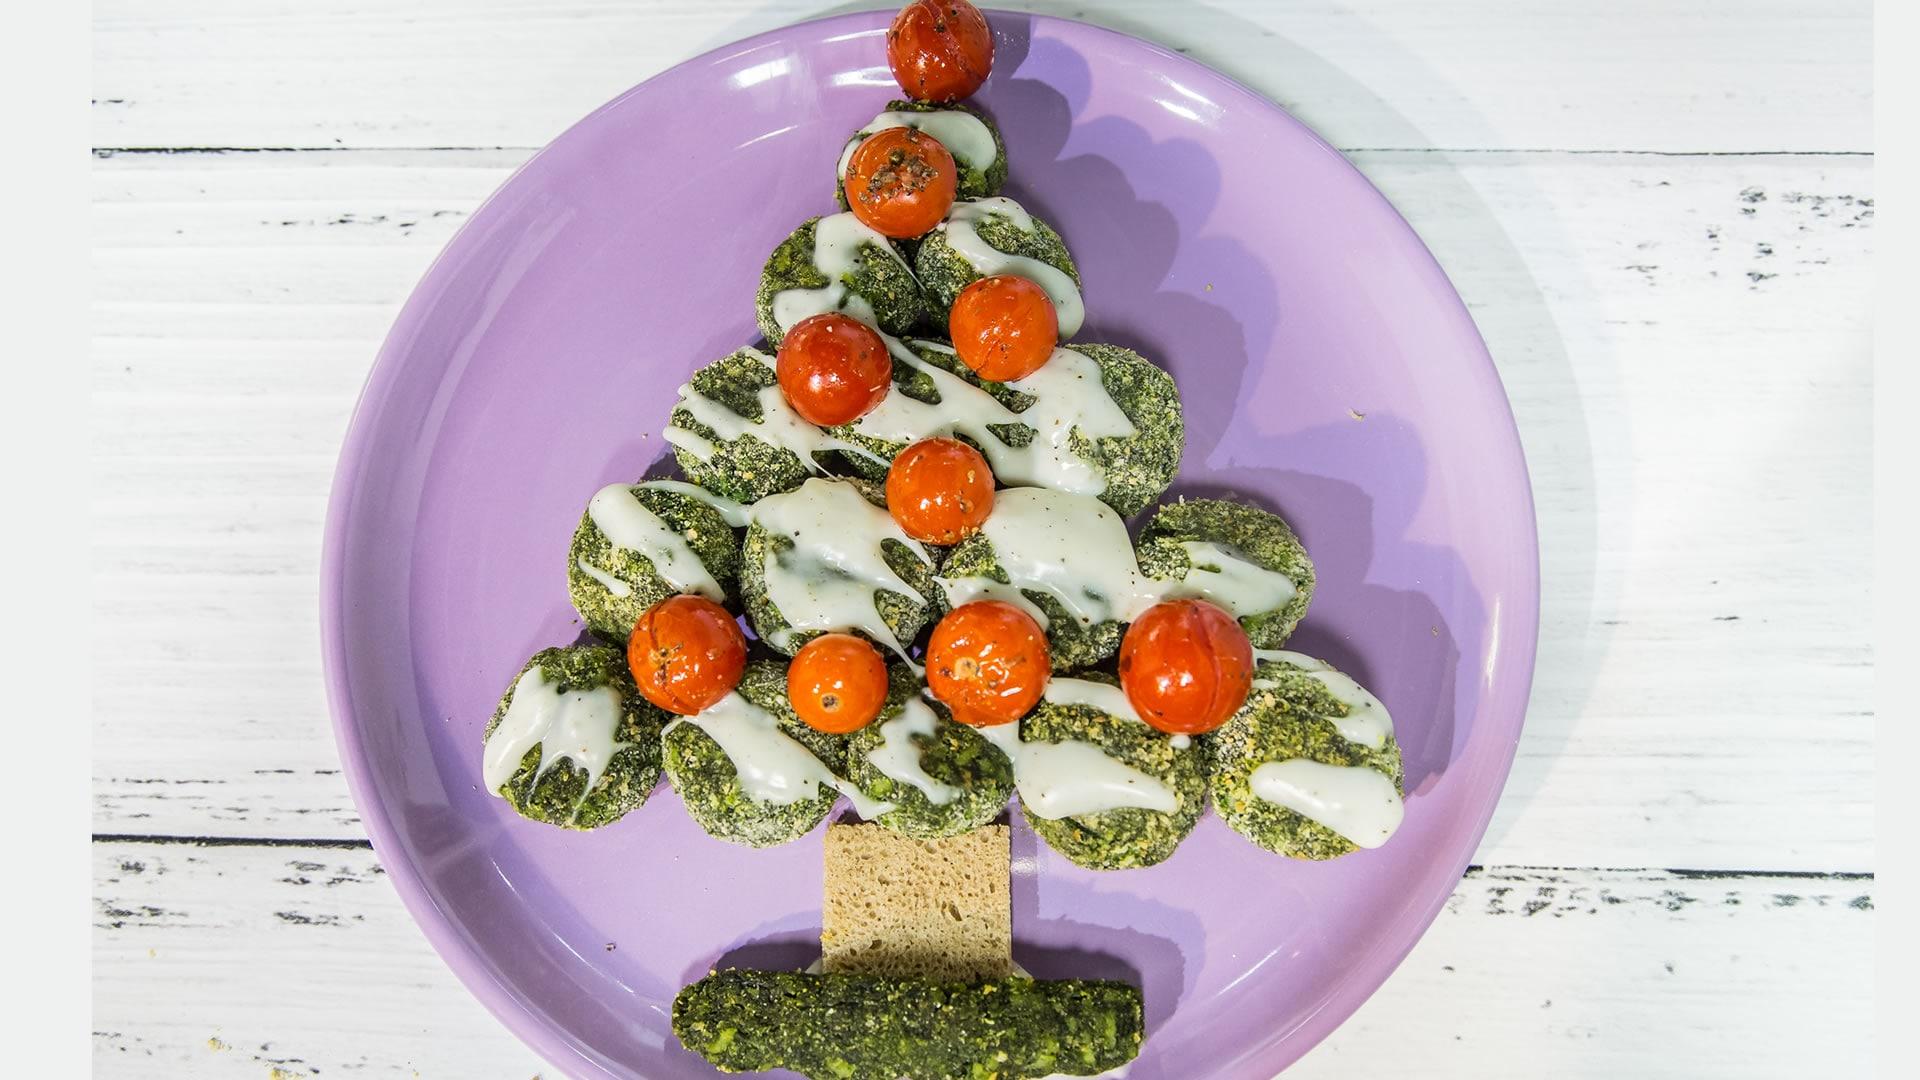 Foto Polpette di Spinaci - Albero di Natale